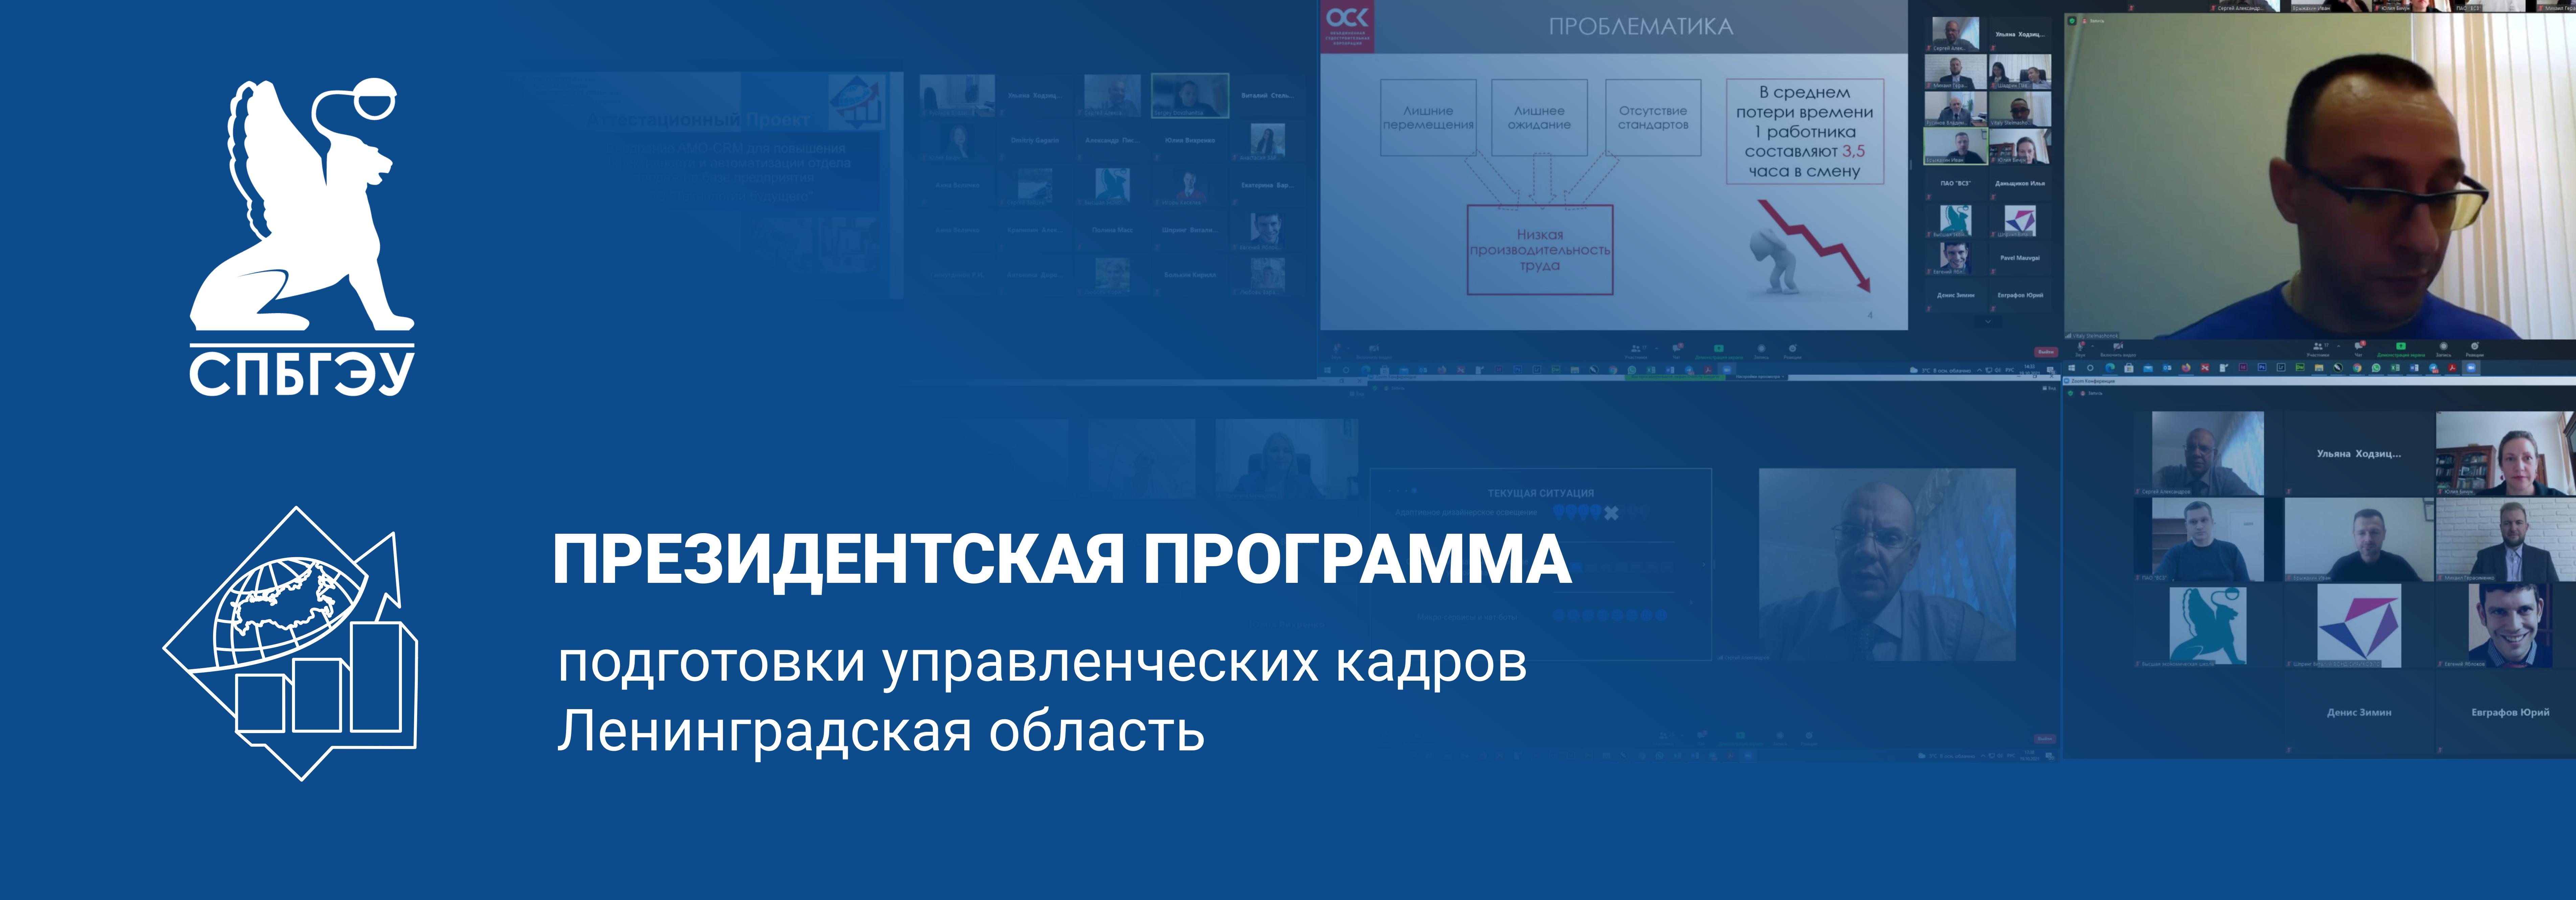 Президентская программа: Выпускники Ленинградской области защищают аттестационные проекты